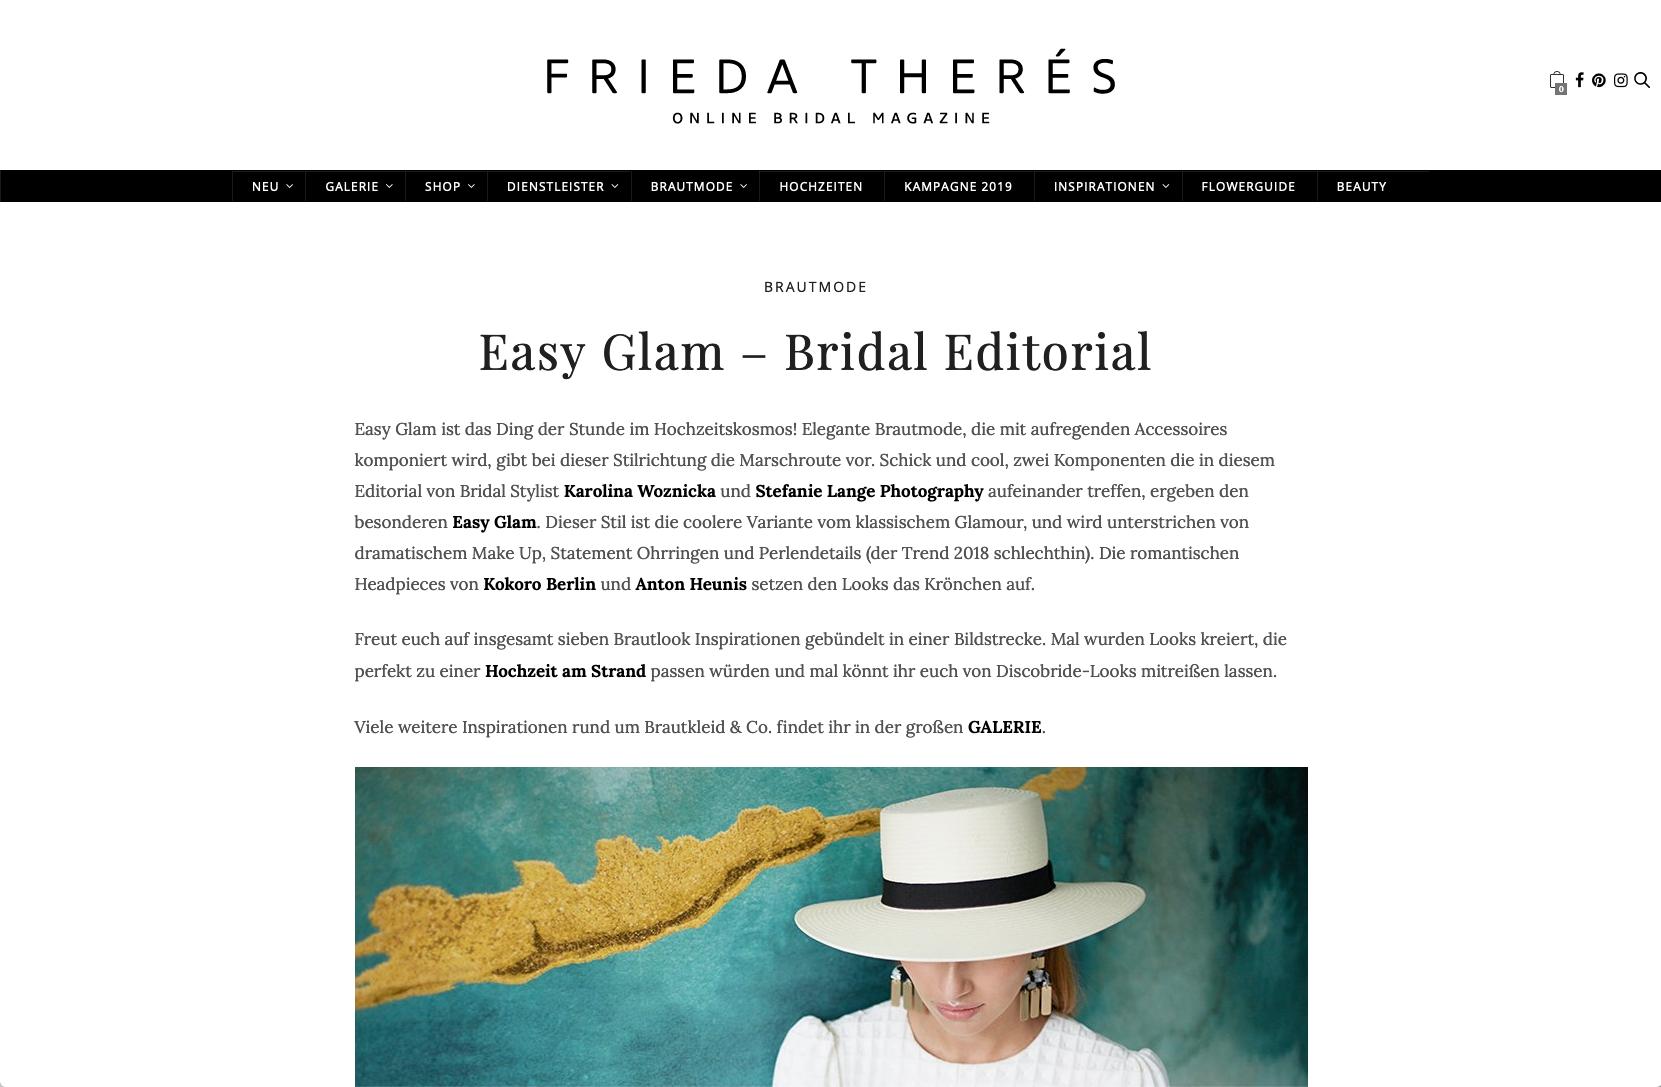 Veröffentlichung auf Frieda Theres mit dem Fashion Editorial Easy Glam